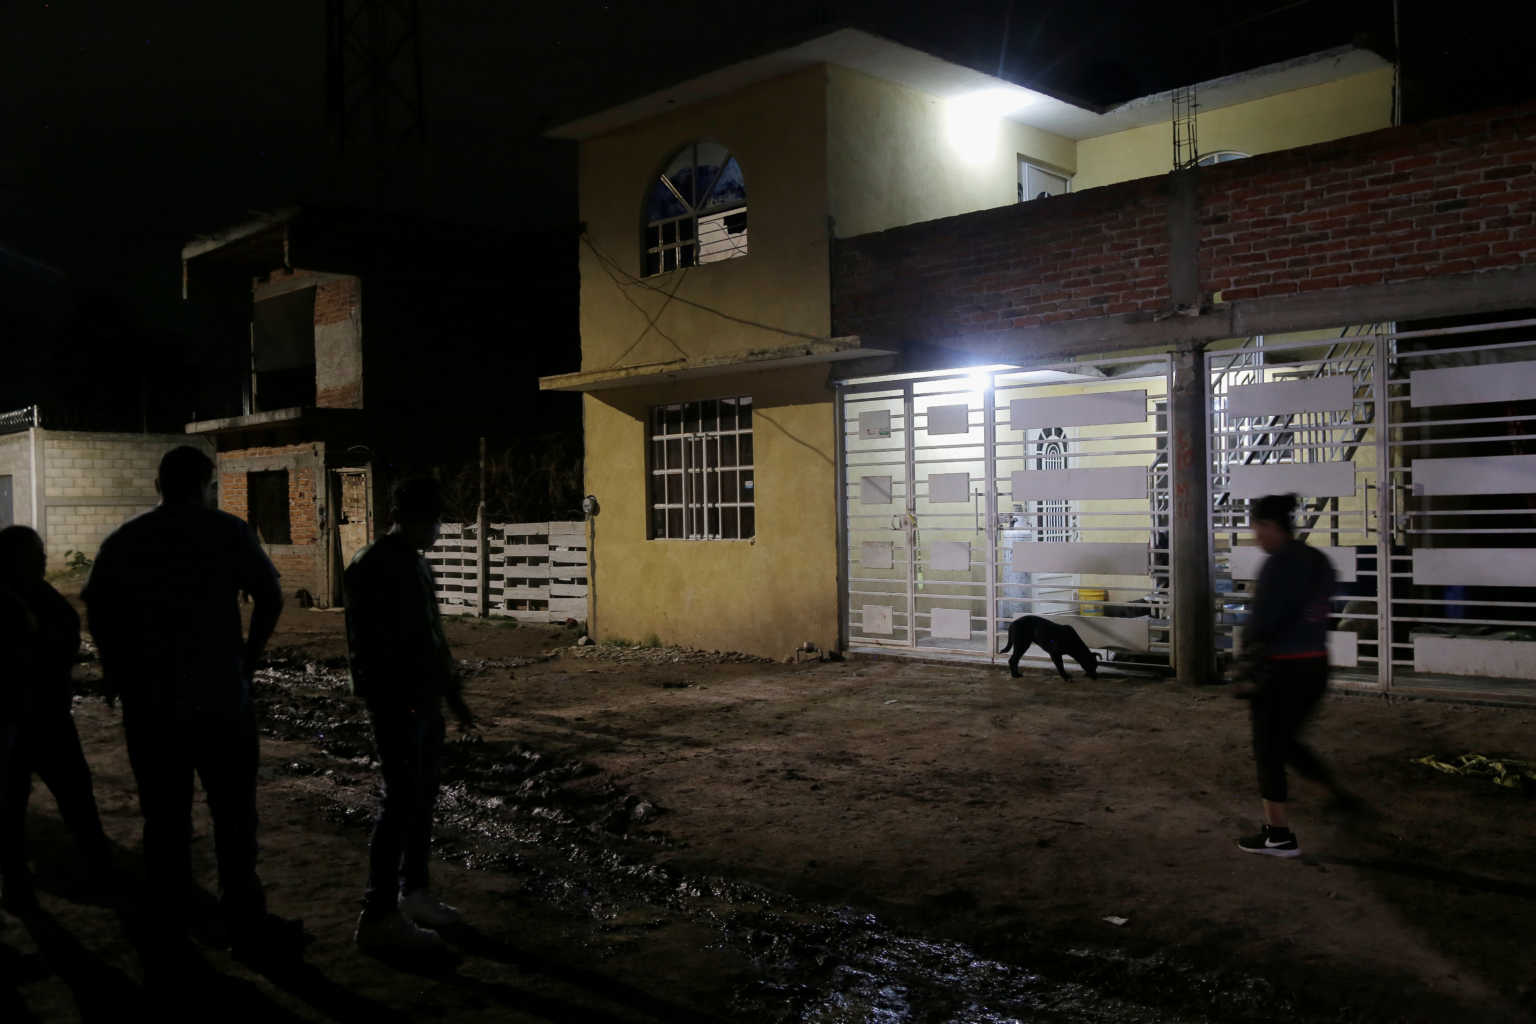 """Μακελειό στο Μεξικό! Μπήκαν σε κέντρο αποτοξίνωσης και """"γάζωσαν"""" τους πάντες – Τουλάχιστον 24 νεκροί (video)"""